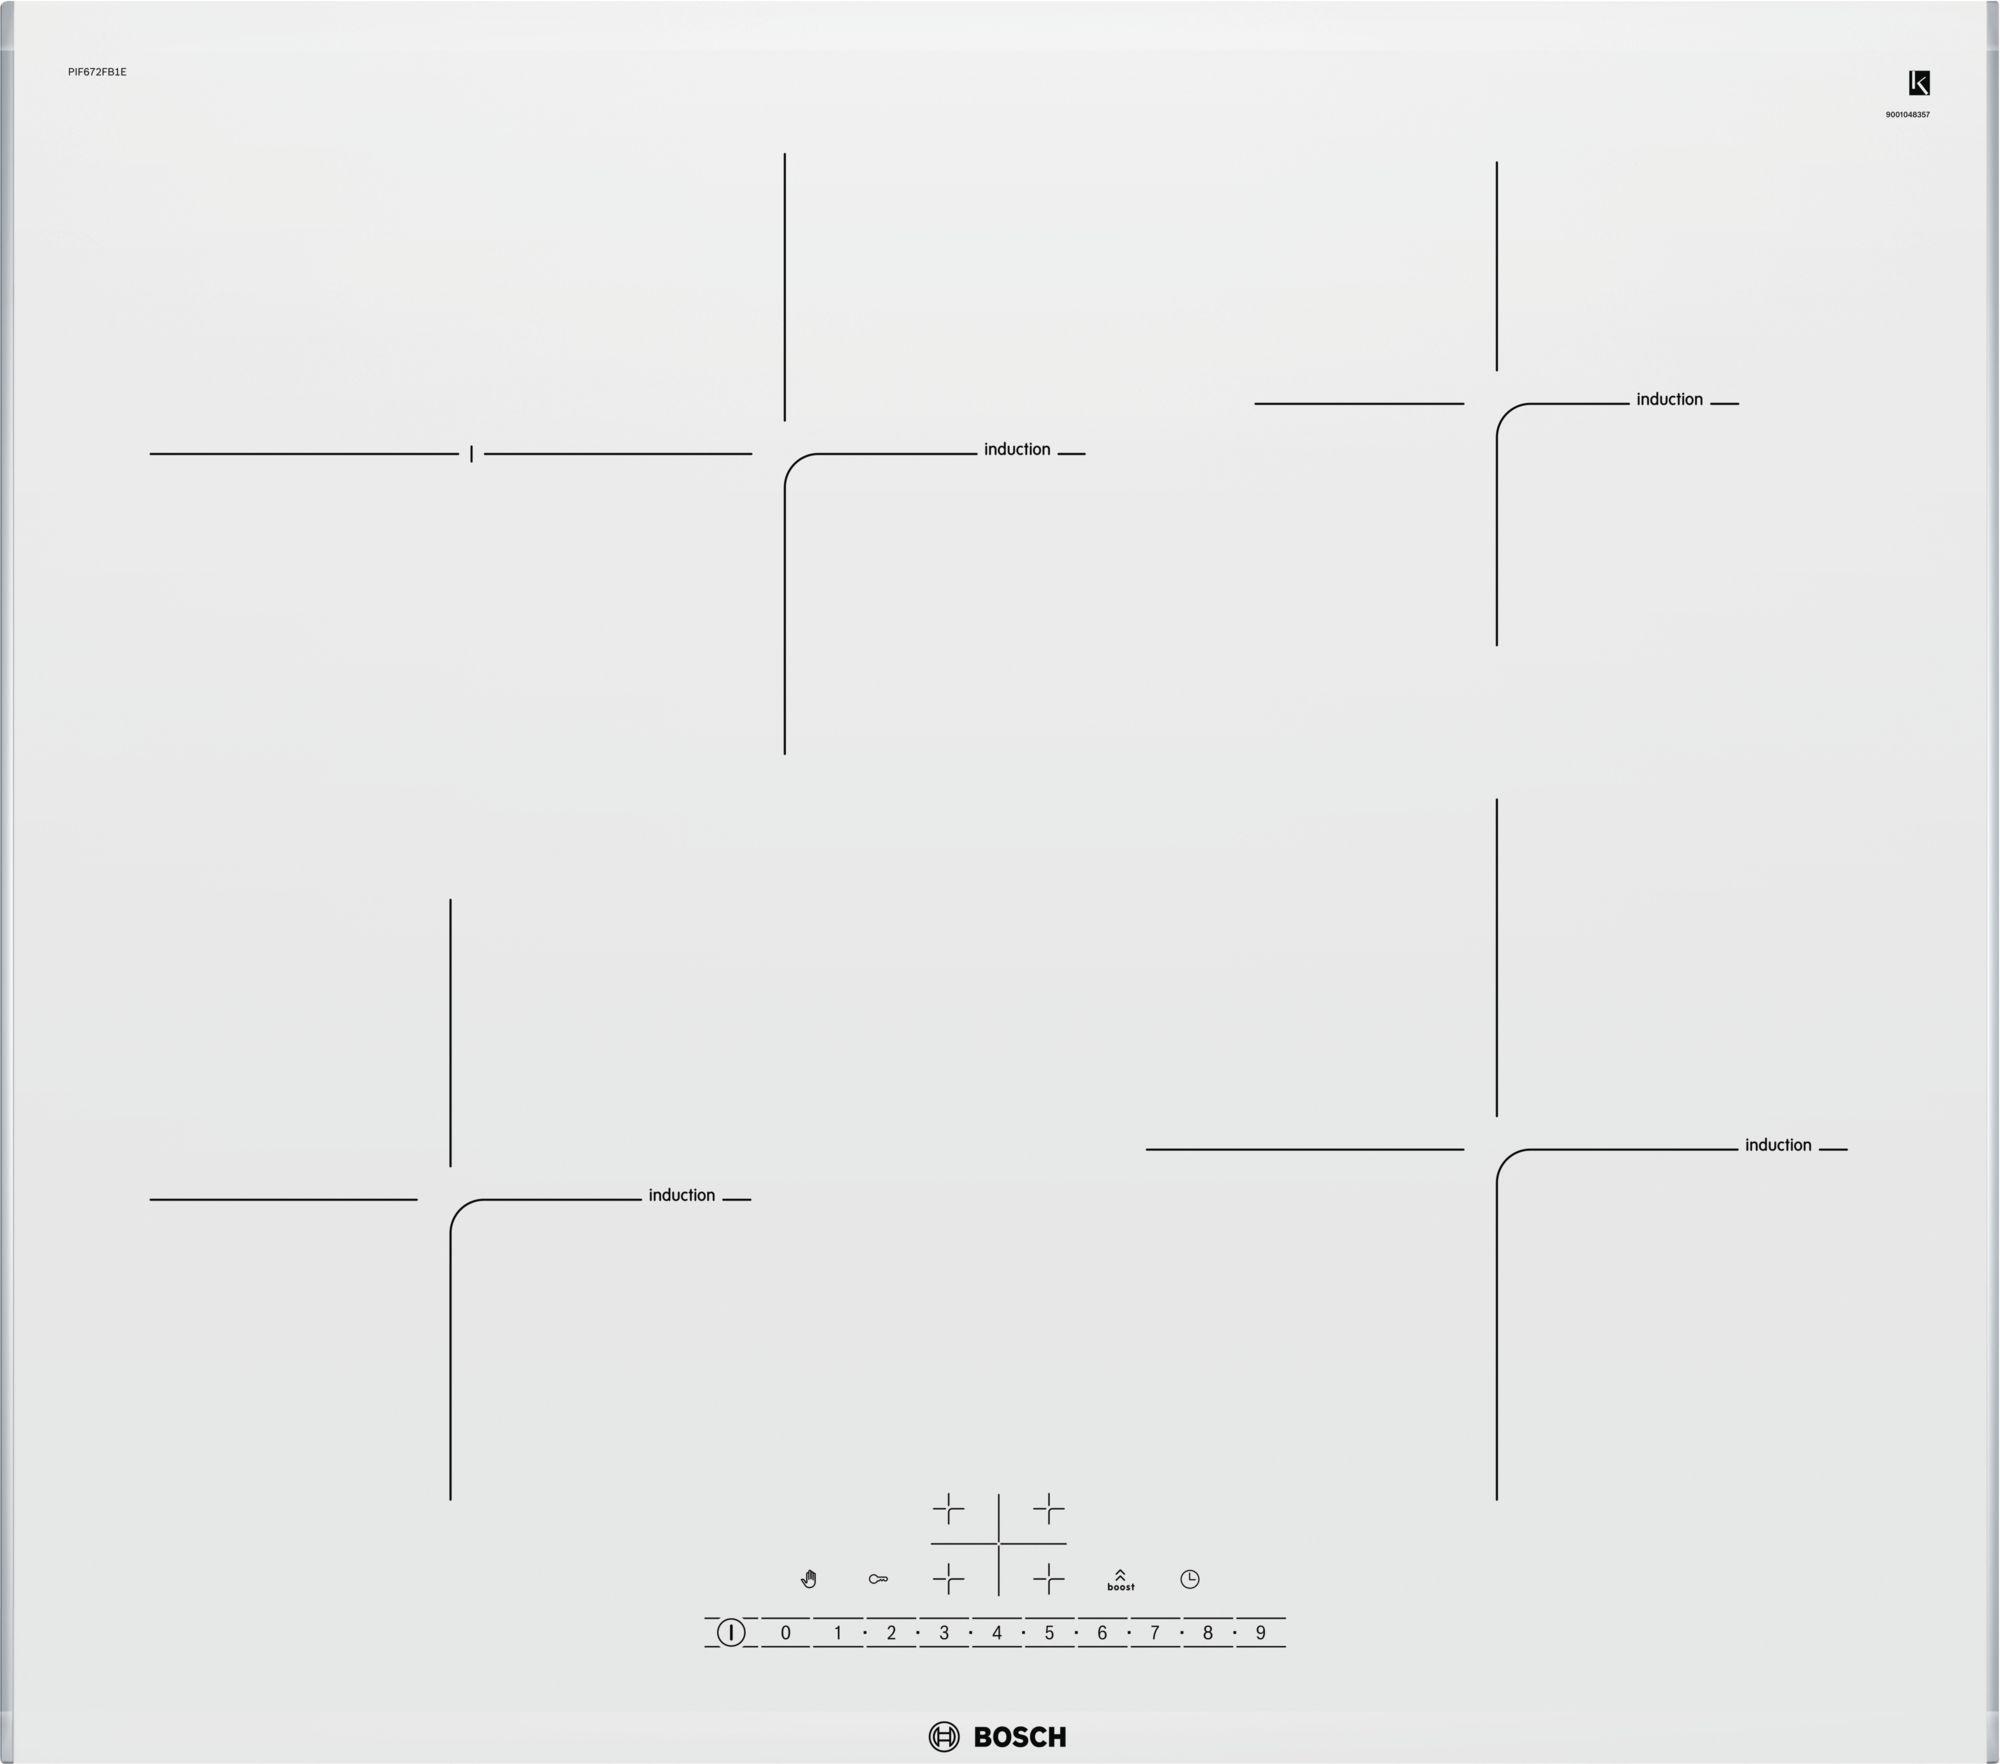 Serie | 6 Indukciona staklokeramička ploča za kuvanje, 60 cm